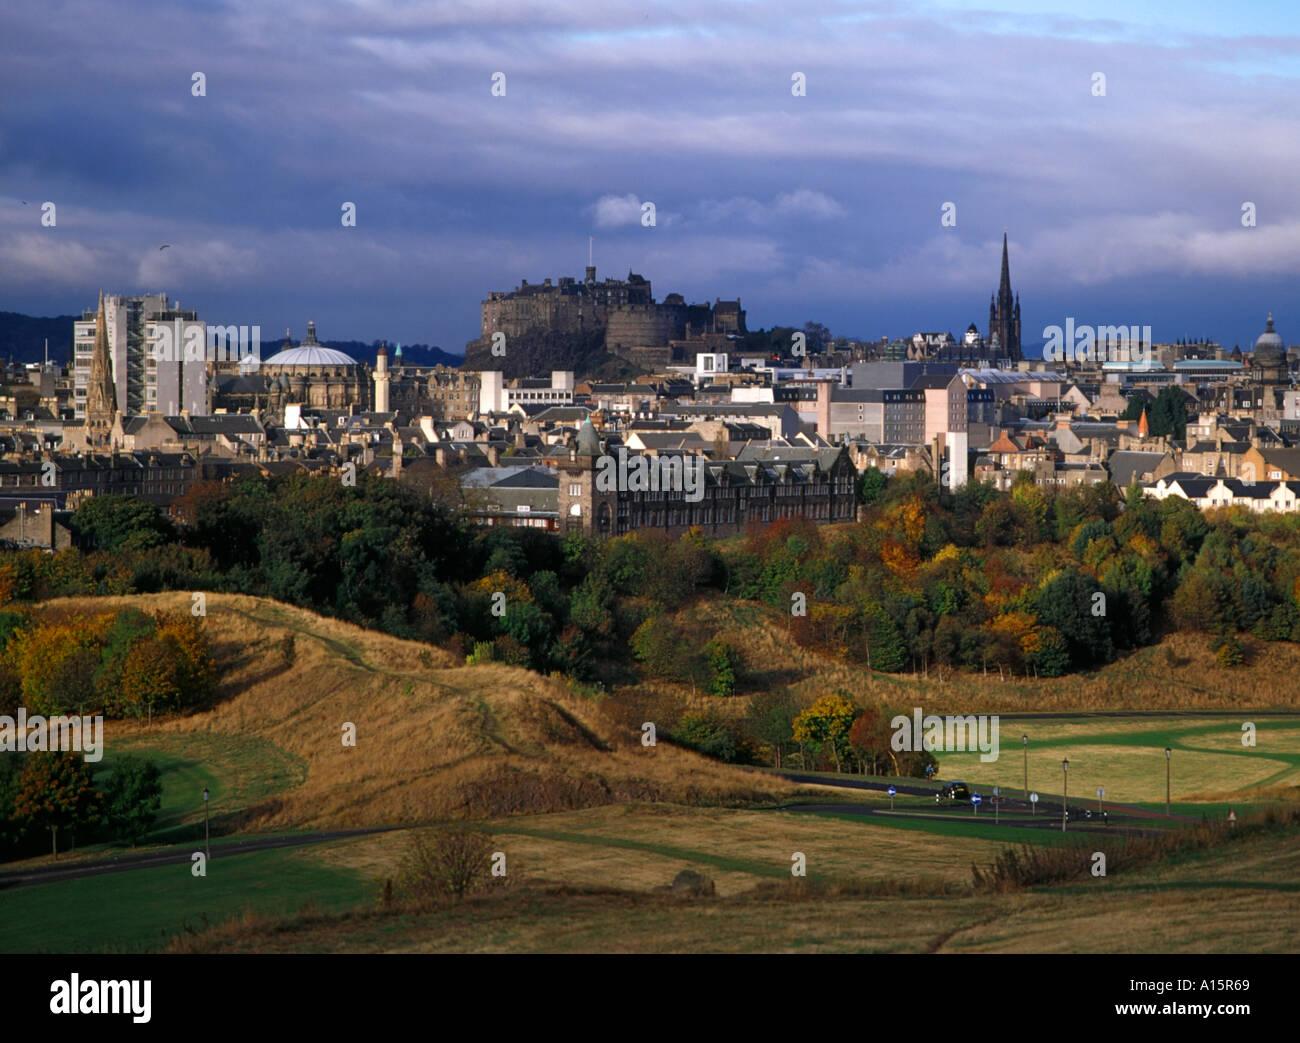 dh  HOLYROOD PARK EDINBURGH Edinburgh Castle city skyline Stock Photo